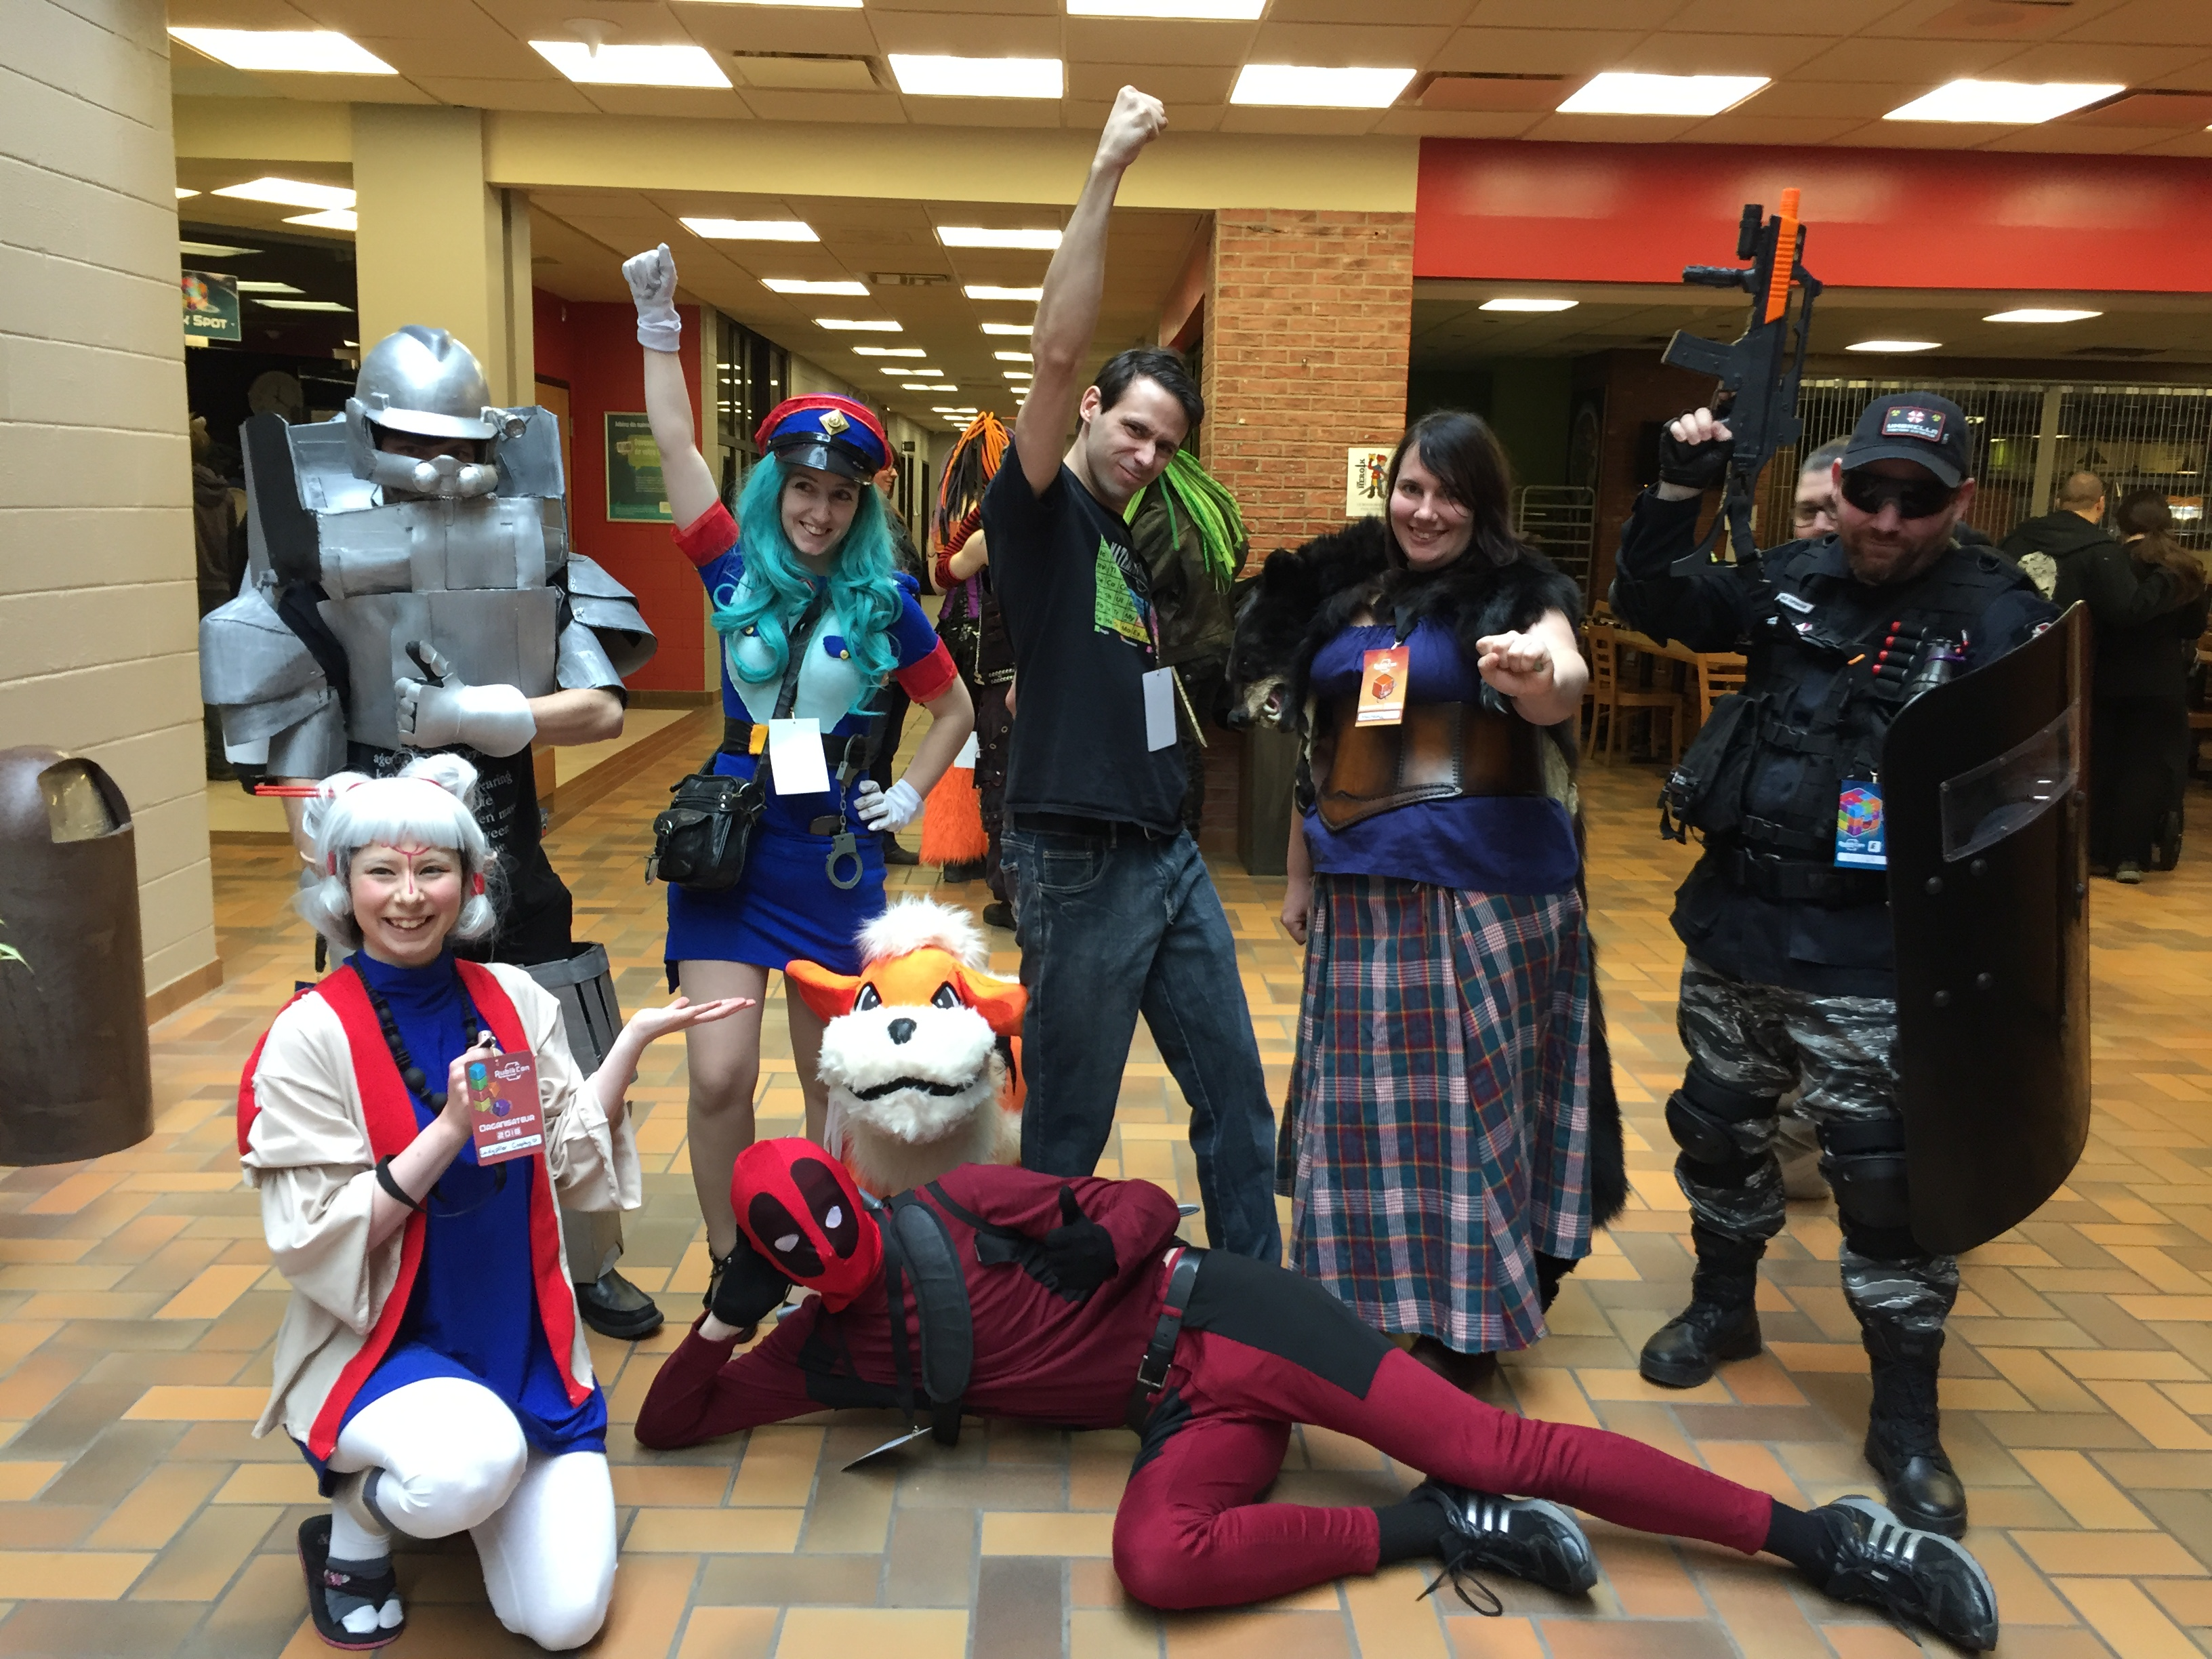 Le RubikCon, une première convention geek haute en couleurs